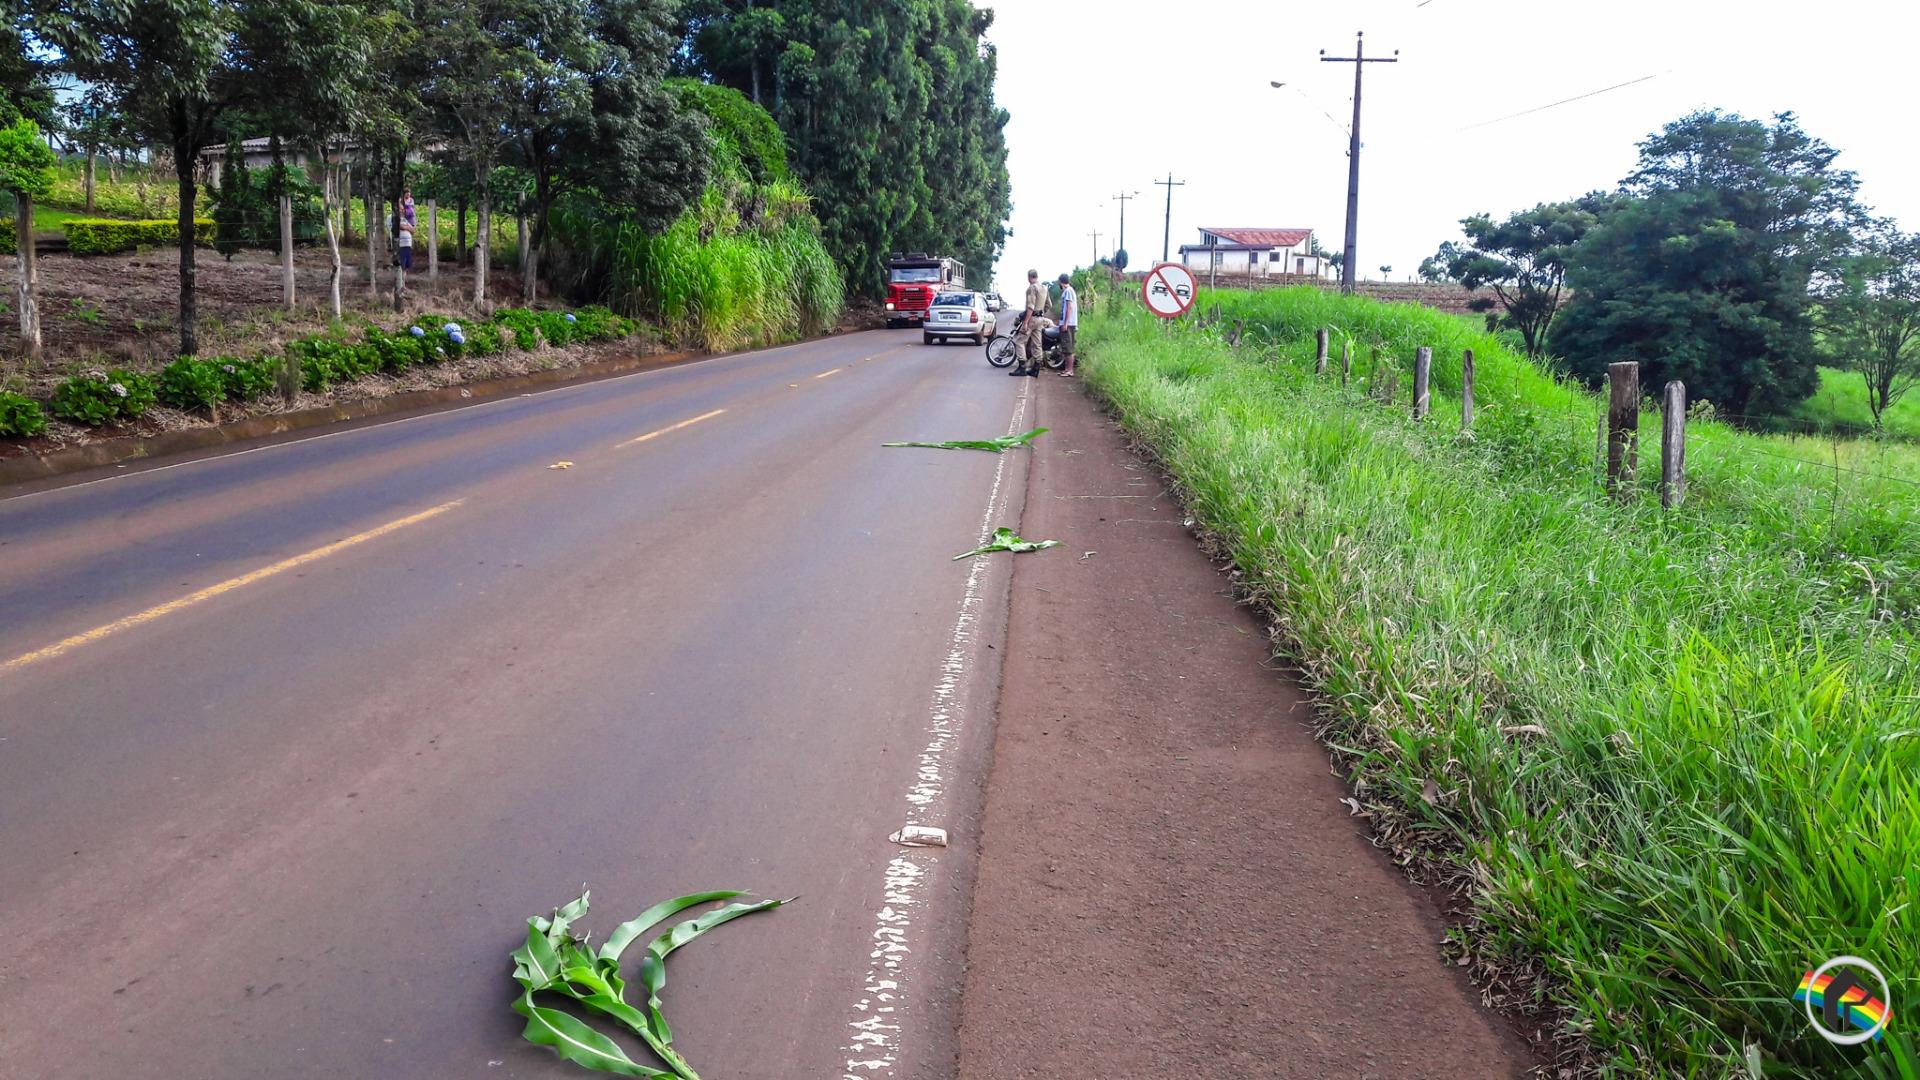 Jovem fica ferido em queda de moto na Linha Cruzinhas